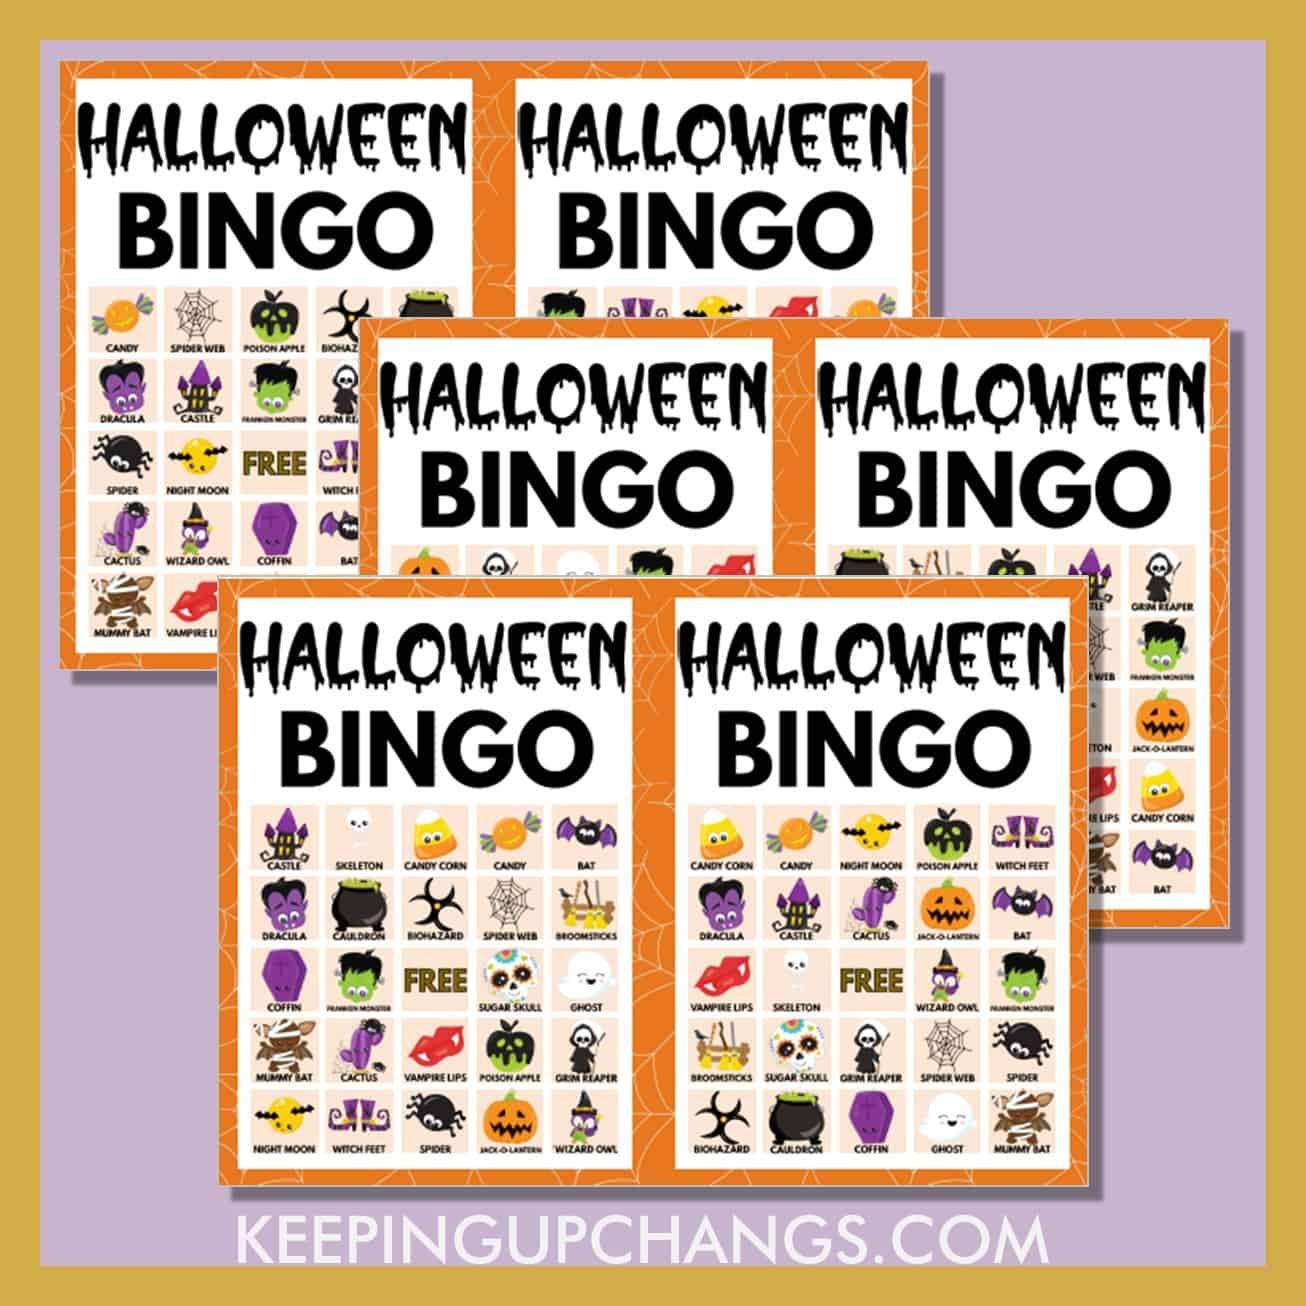 free fall halloween bingo 5x5 game cards.